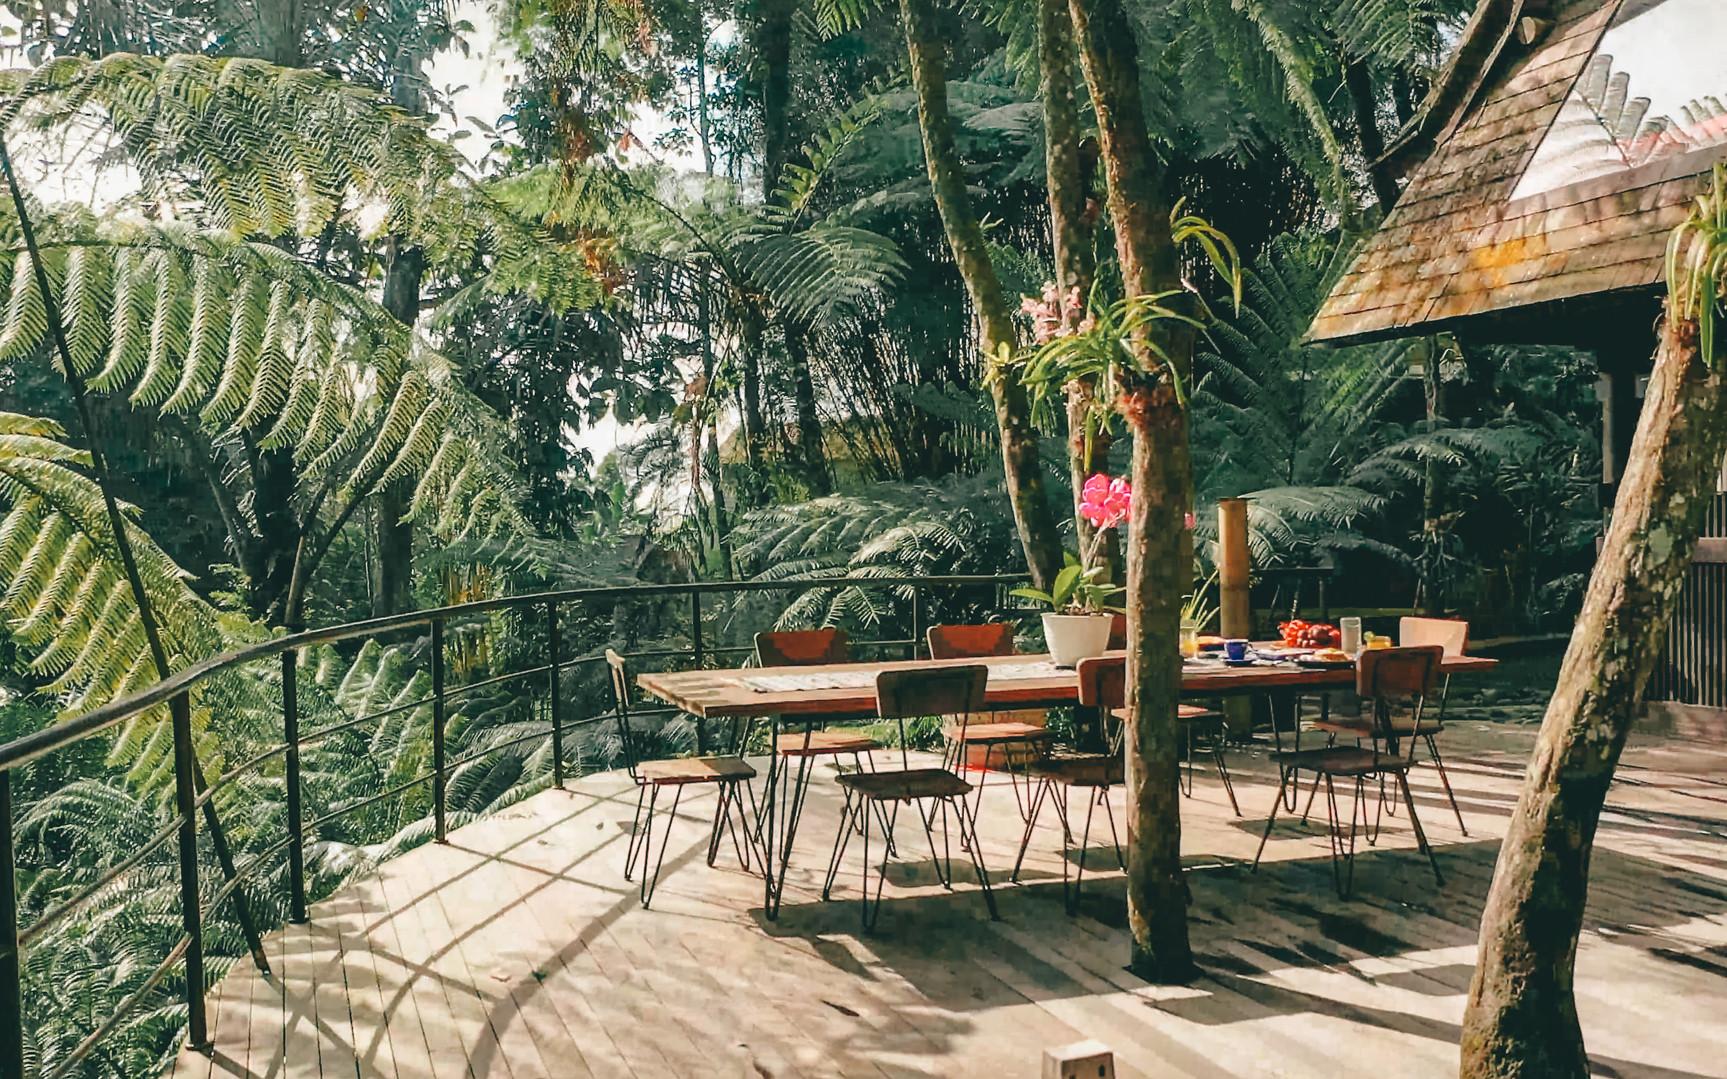 20181023_MAVIC_CAMILLA_DELLION_INDONESIA